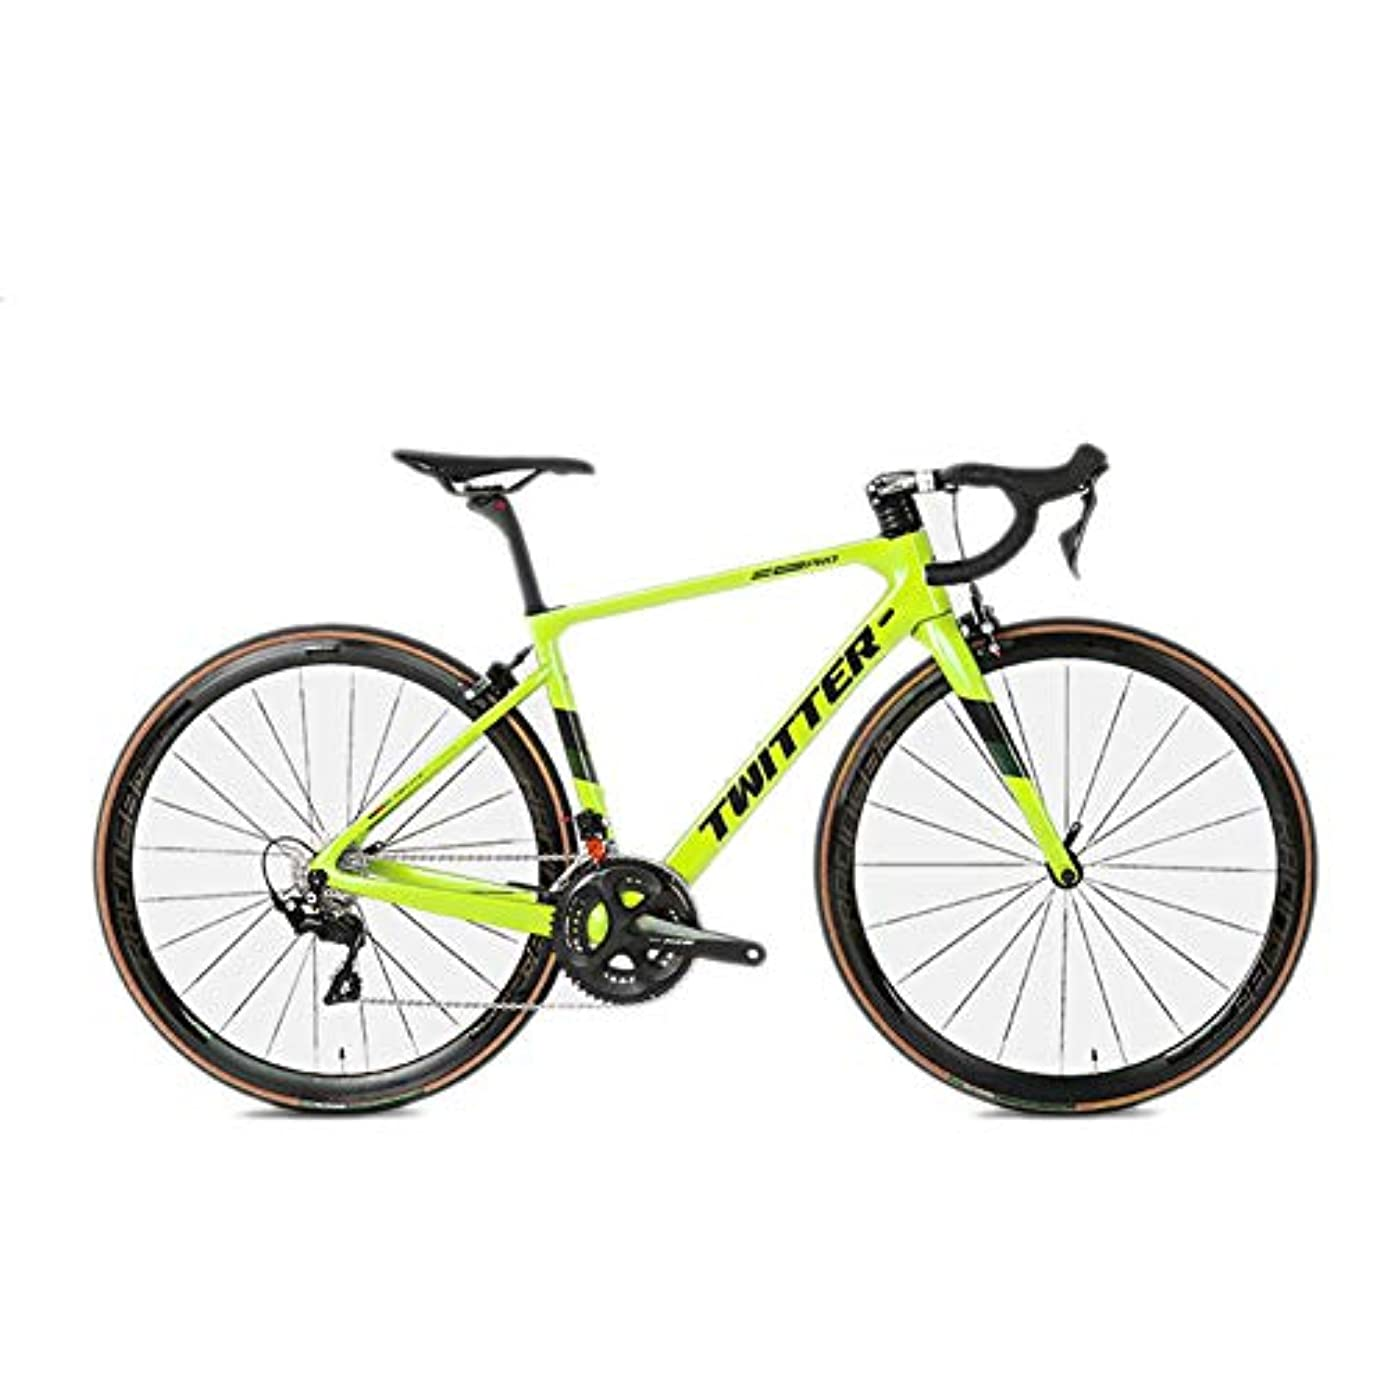 ジョージスティーブンソン夢大量18Kカーボンファイバー700CロードバイクSTEALTHproロードバイク自転車R7000ビッグセット22スピード